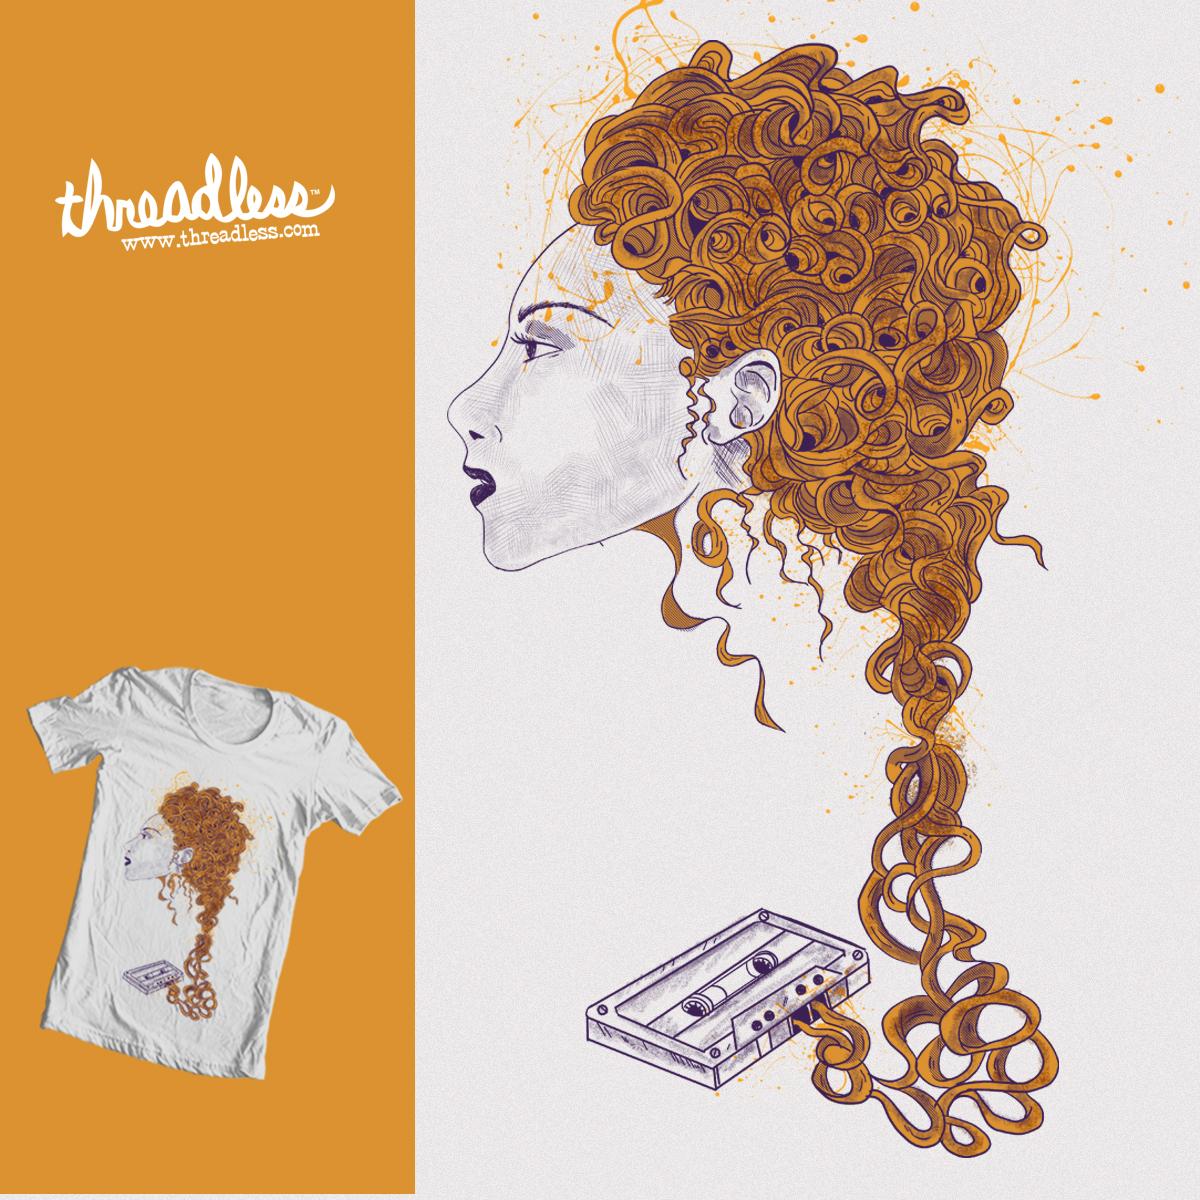 hair cassette by zatanpermana on Threadless